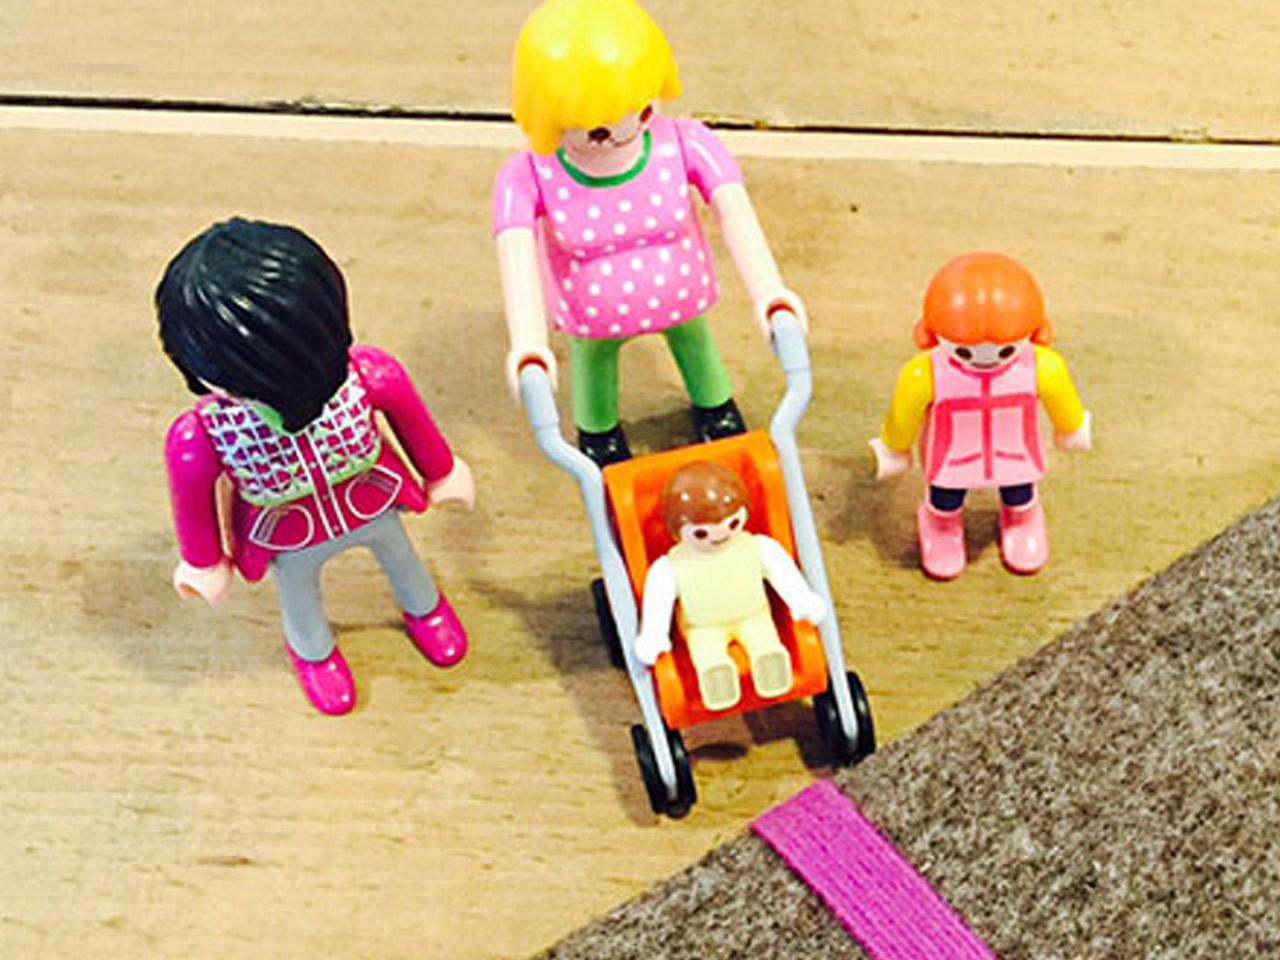 Eine Familie aus Playmobilfiguren zeigt eine Familie - Die Eltern mit 2 Kindern.